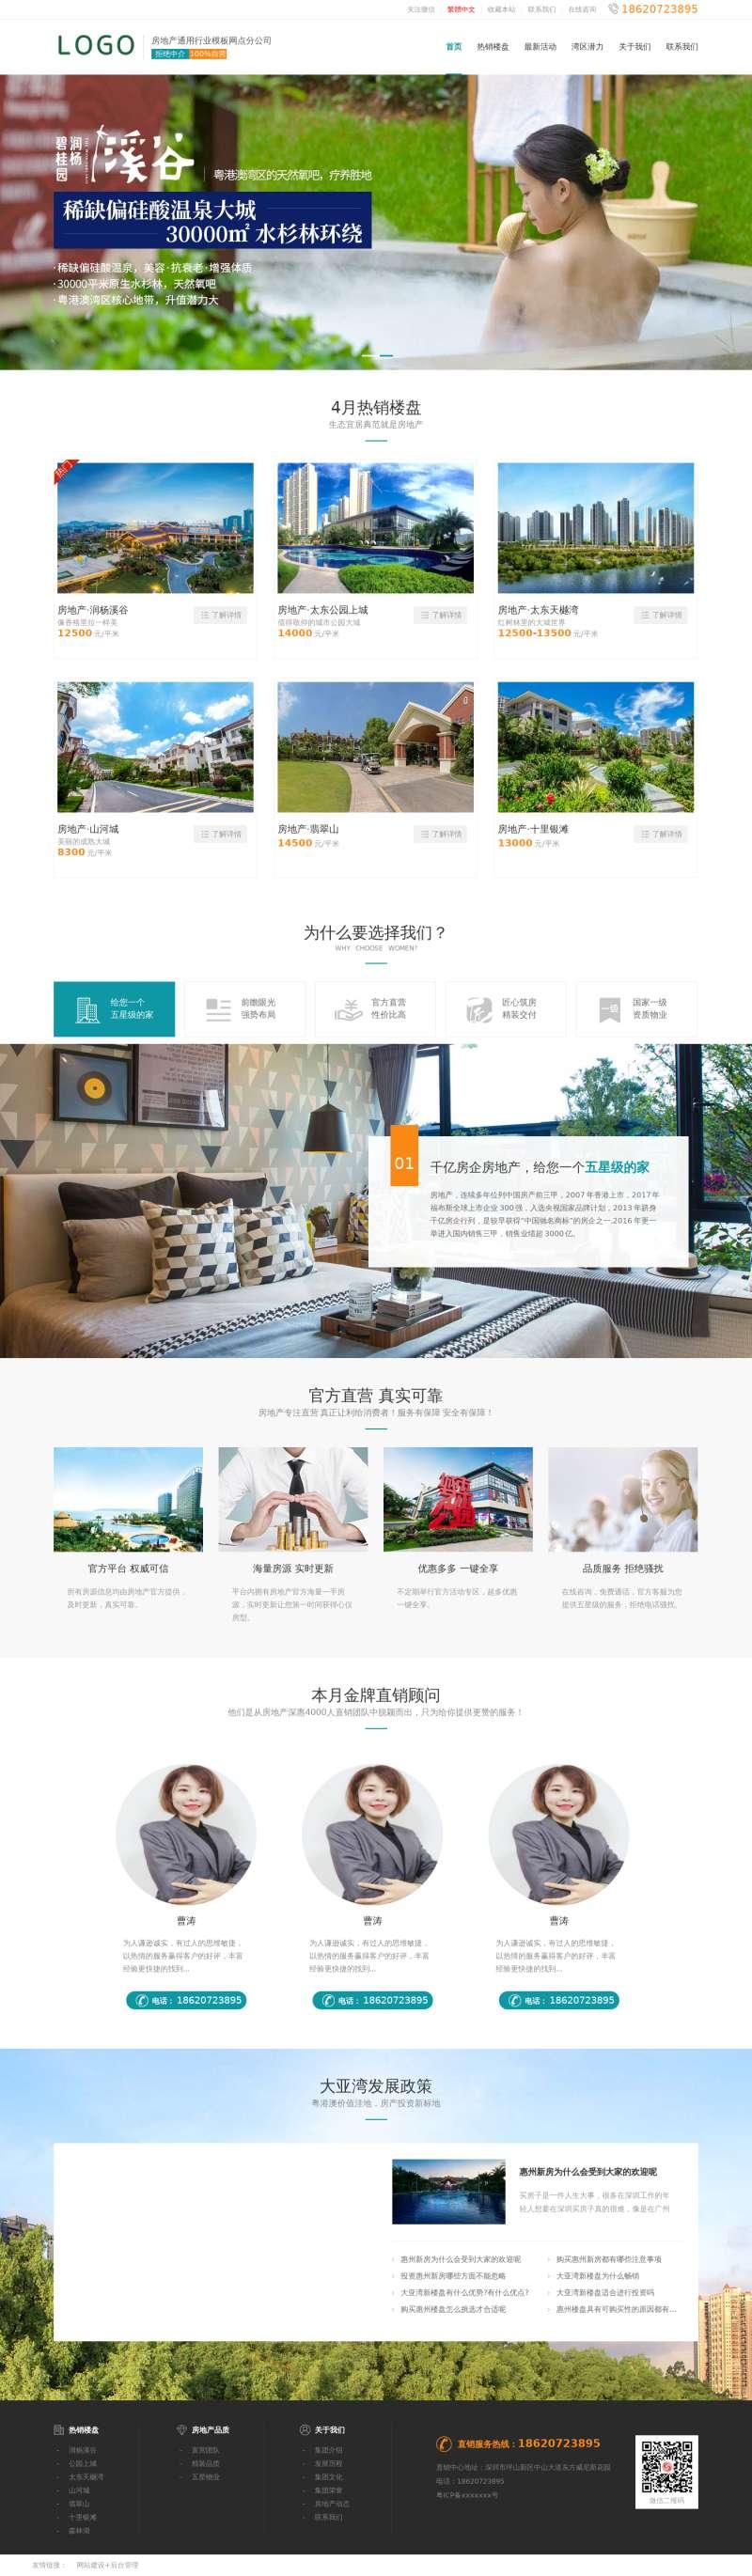 房地产楼盘开发企业网站模板